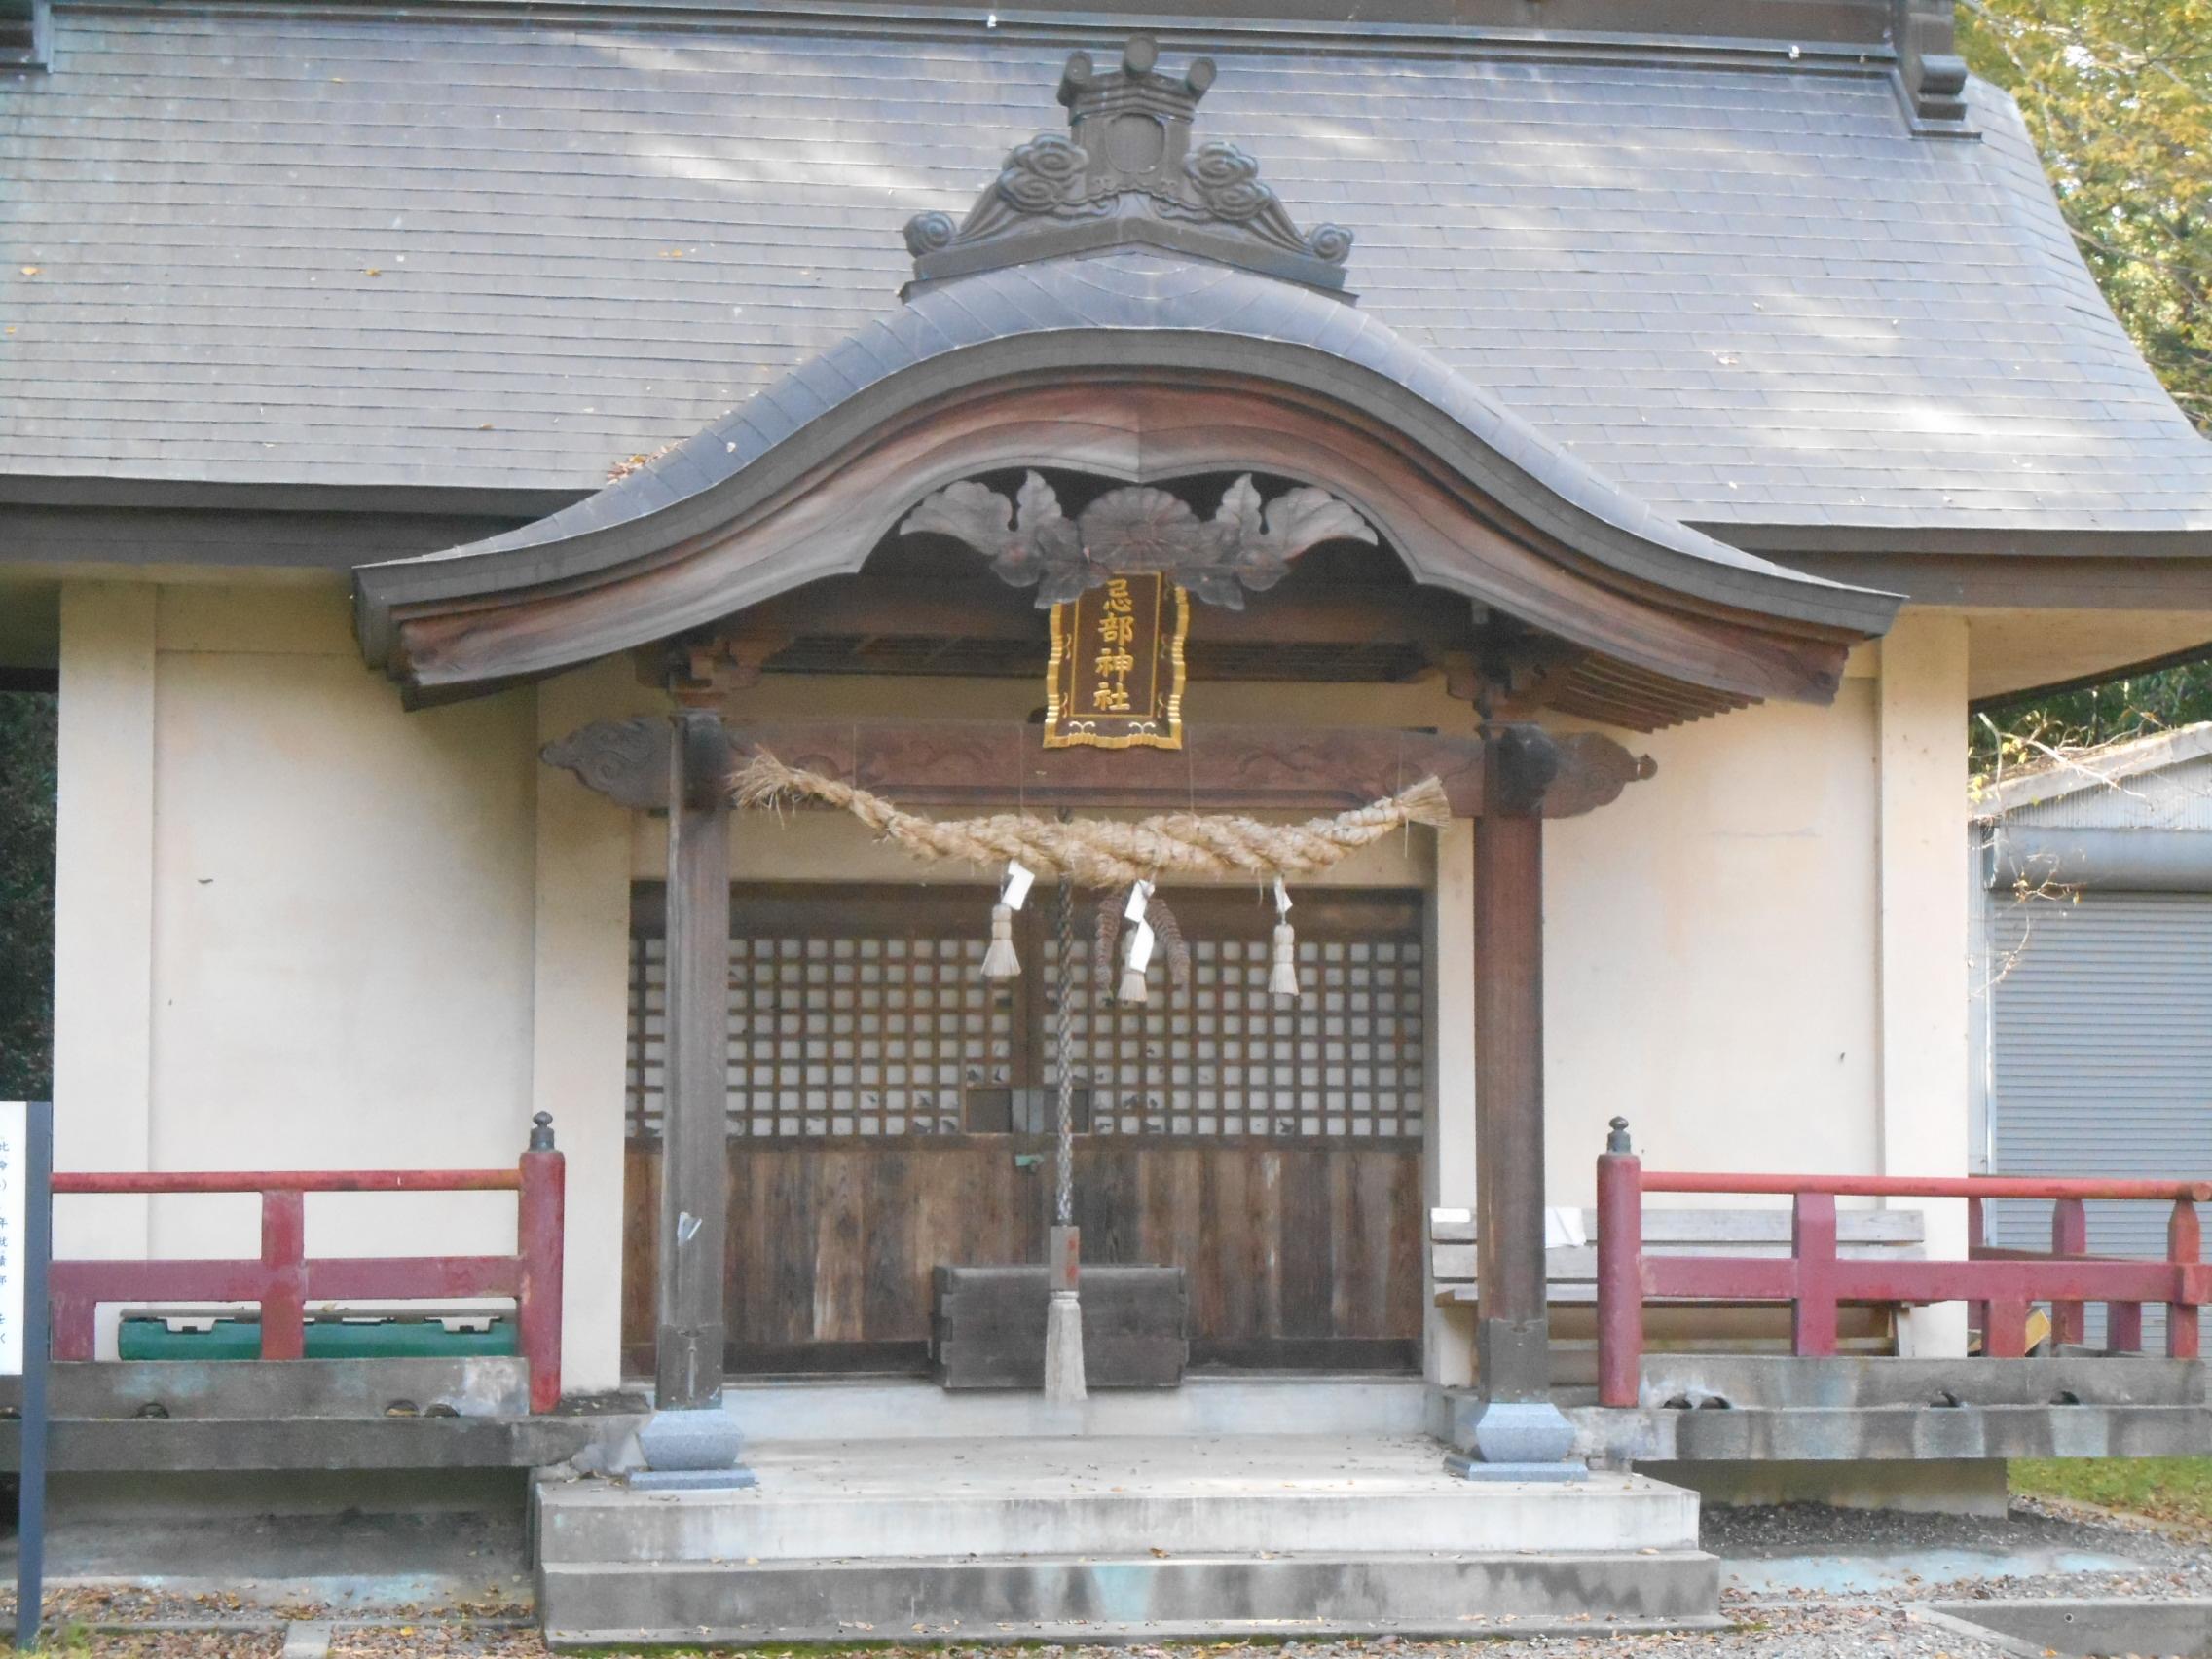 DSCN2174 - 3月30日(土) 御代替わりを寿ぐ  大嘗祭と阿波忌部